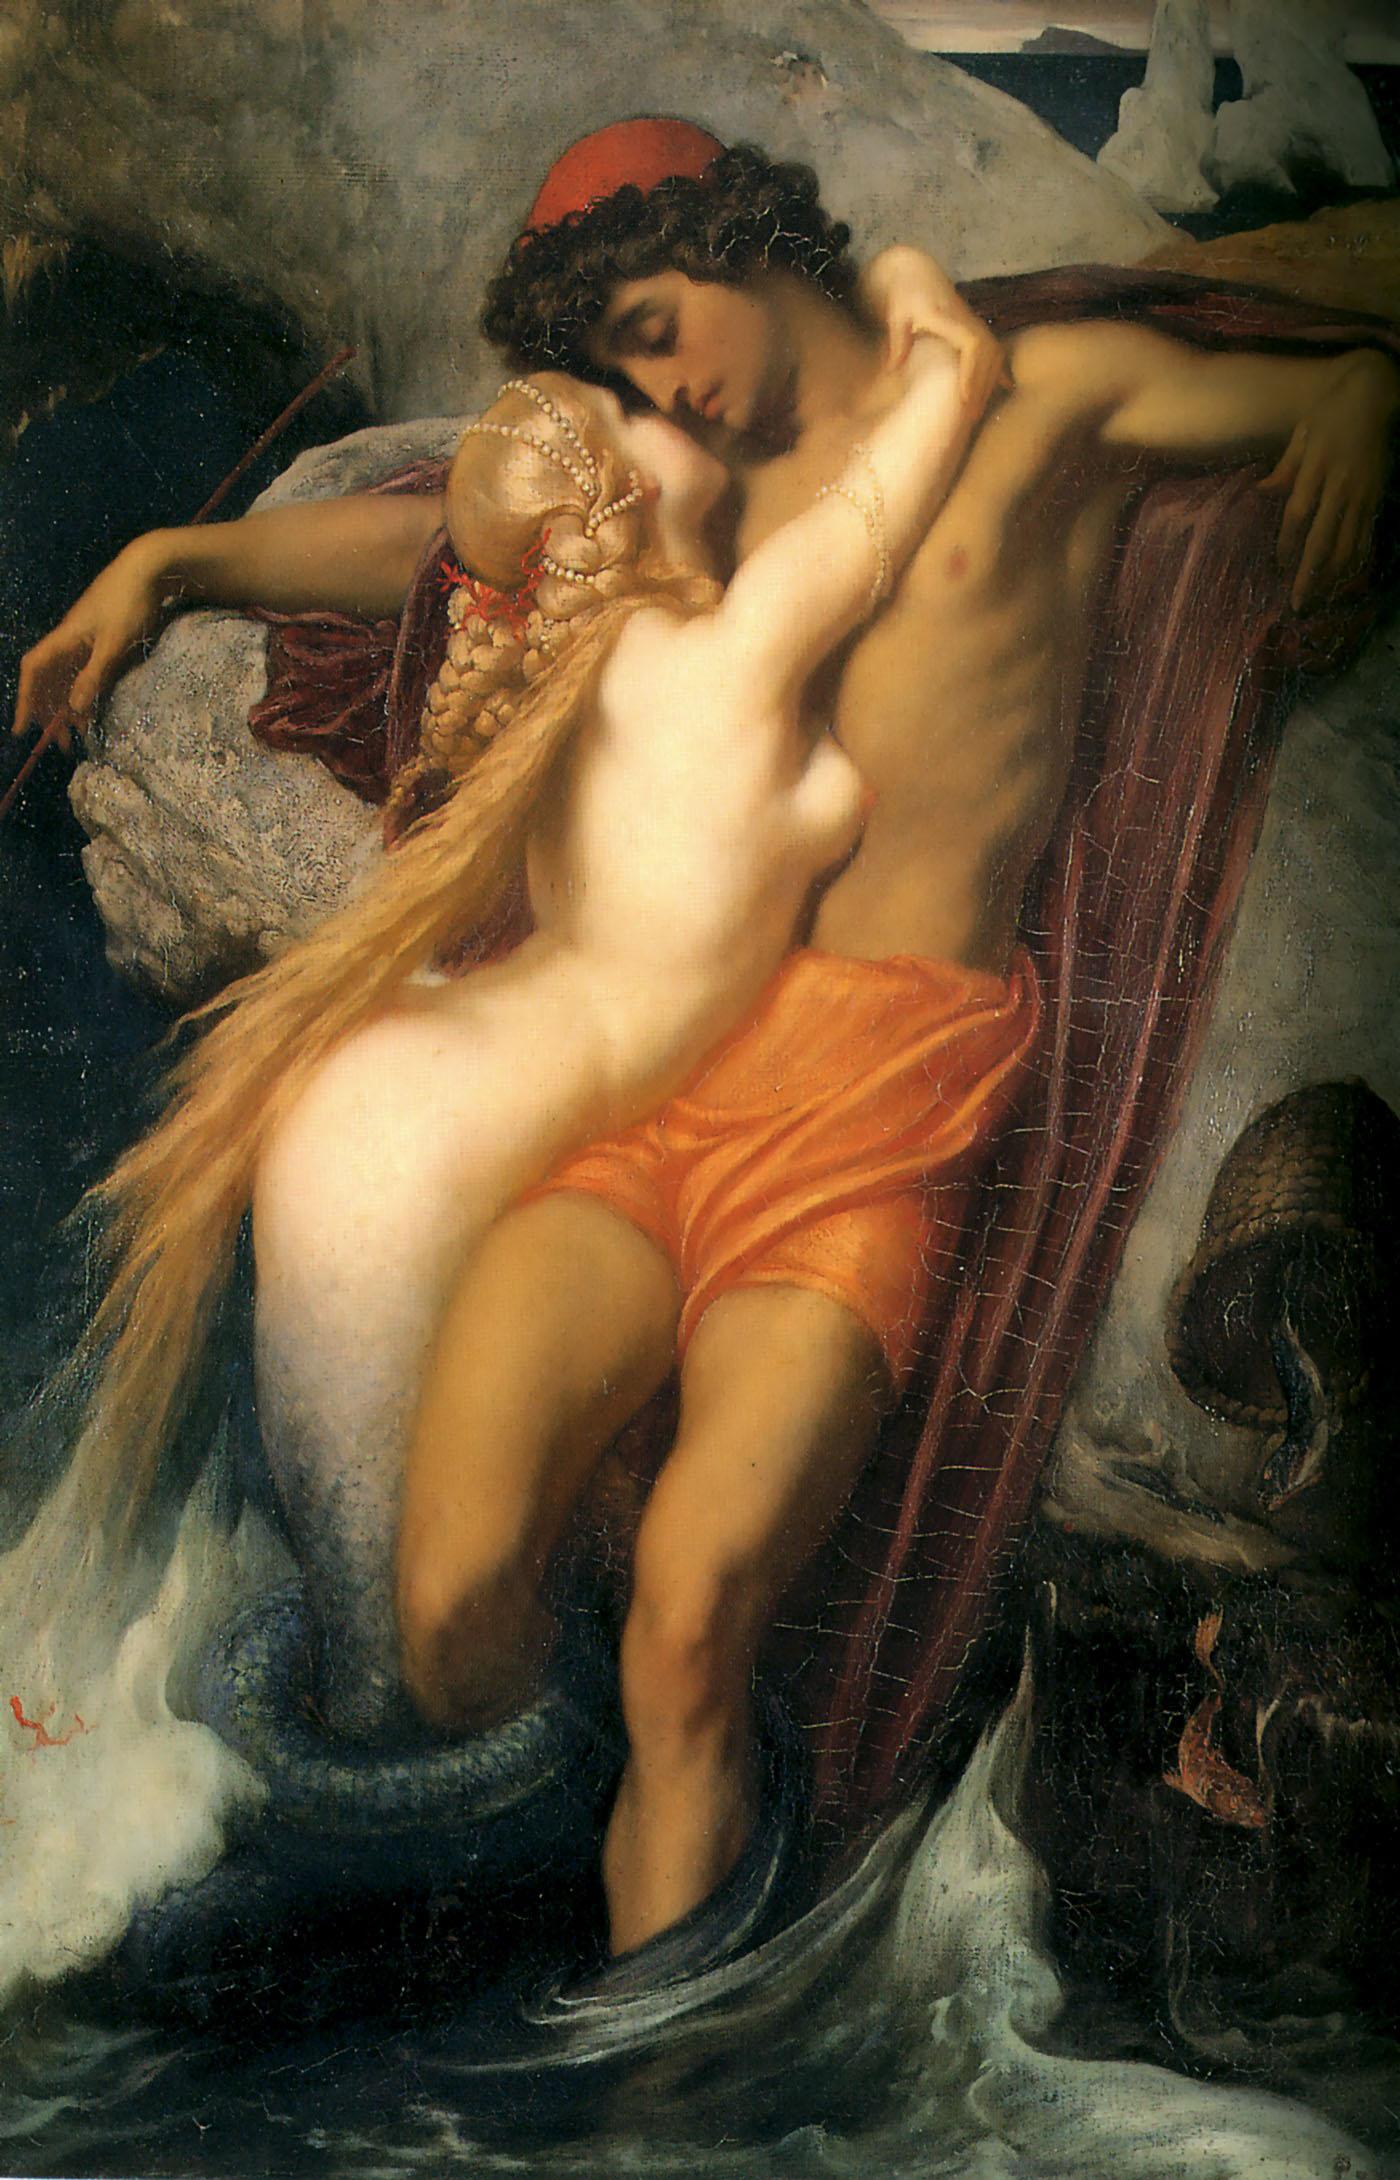 La sirène et le pêcheur, Leighton, 1856-1858